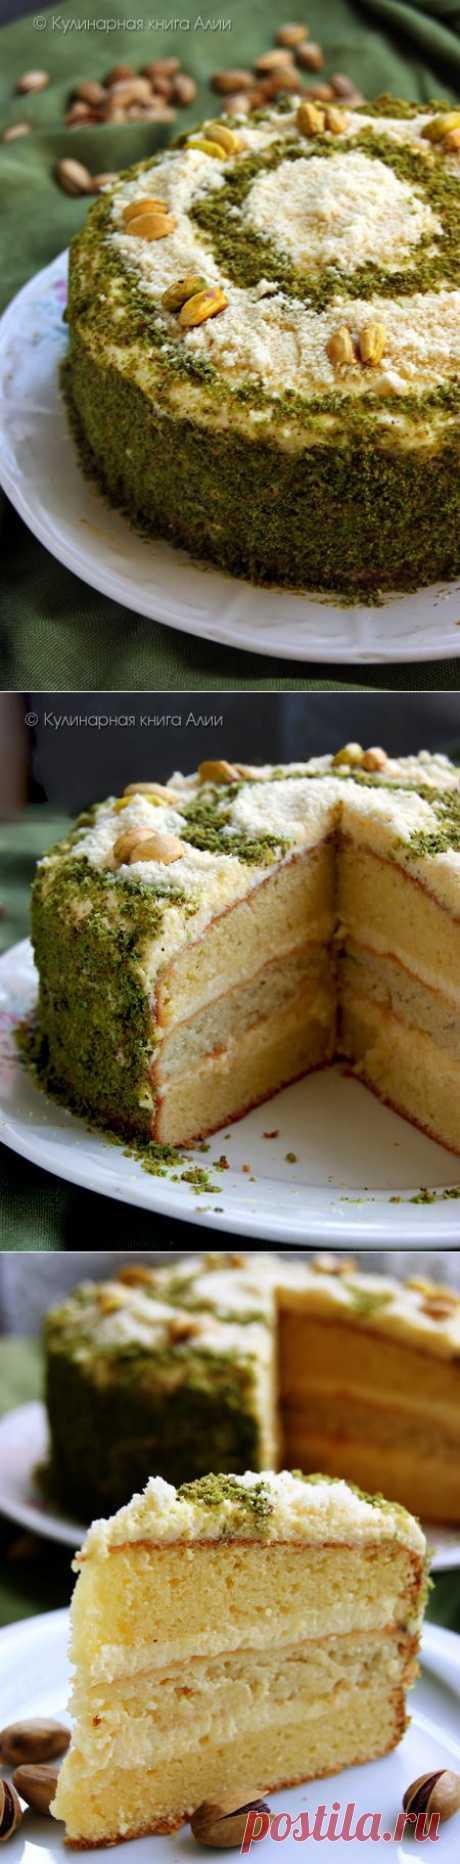 604. Миндальный торт